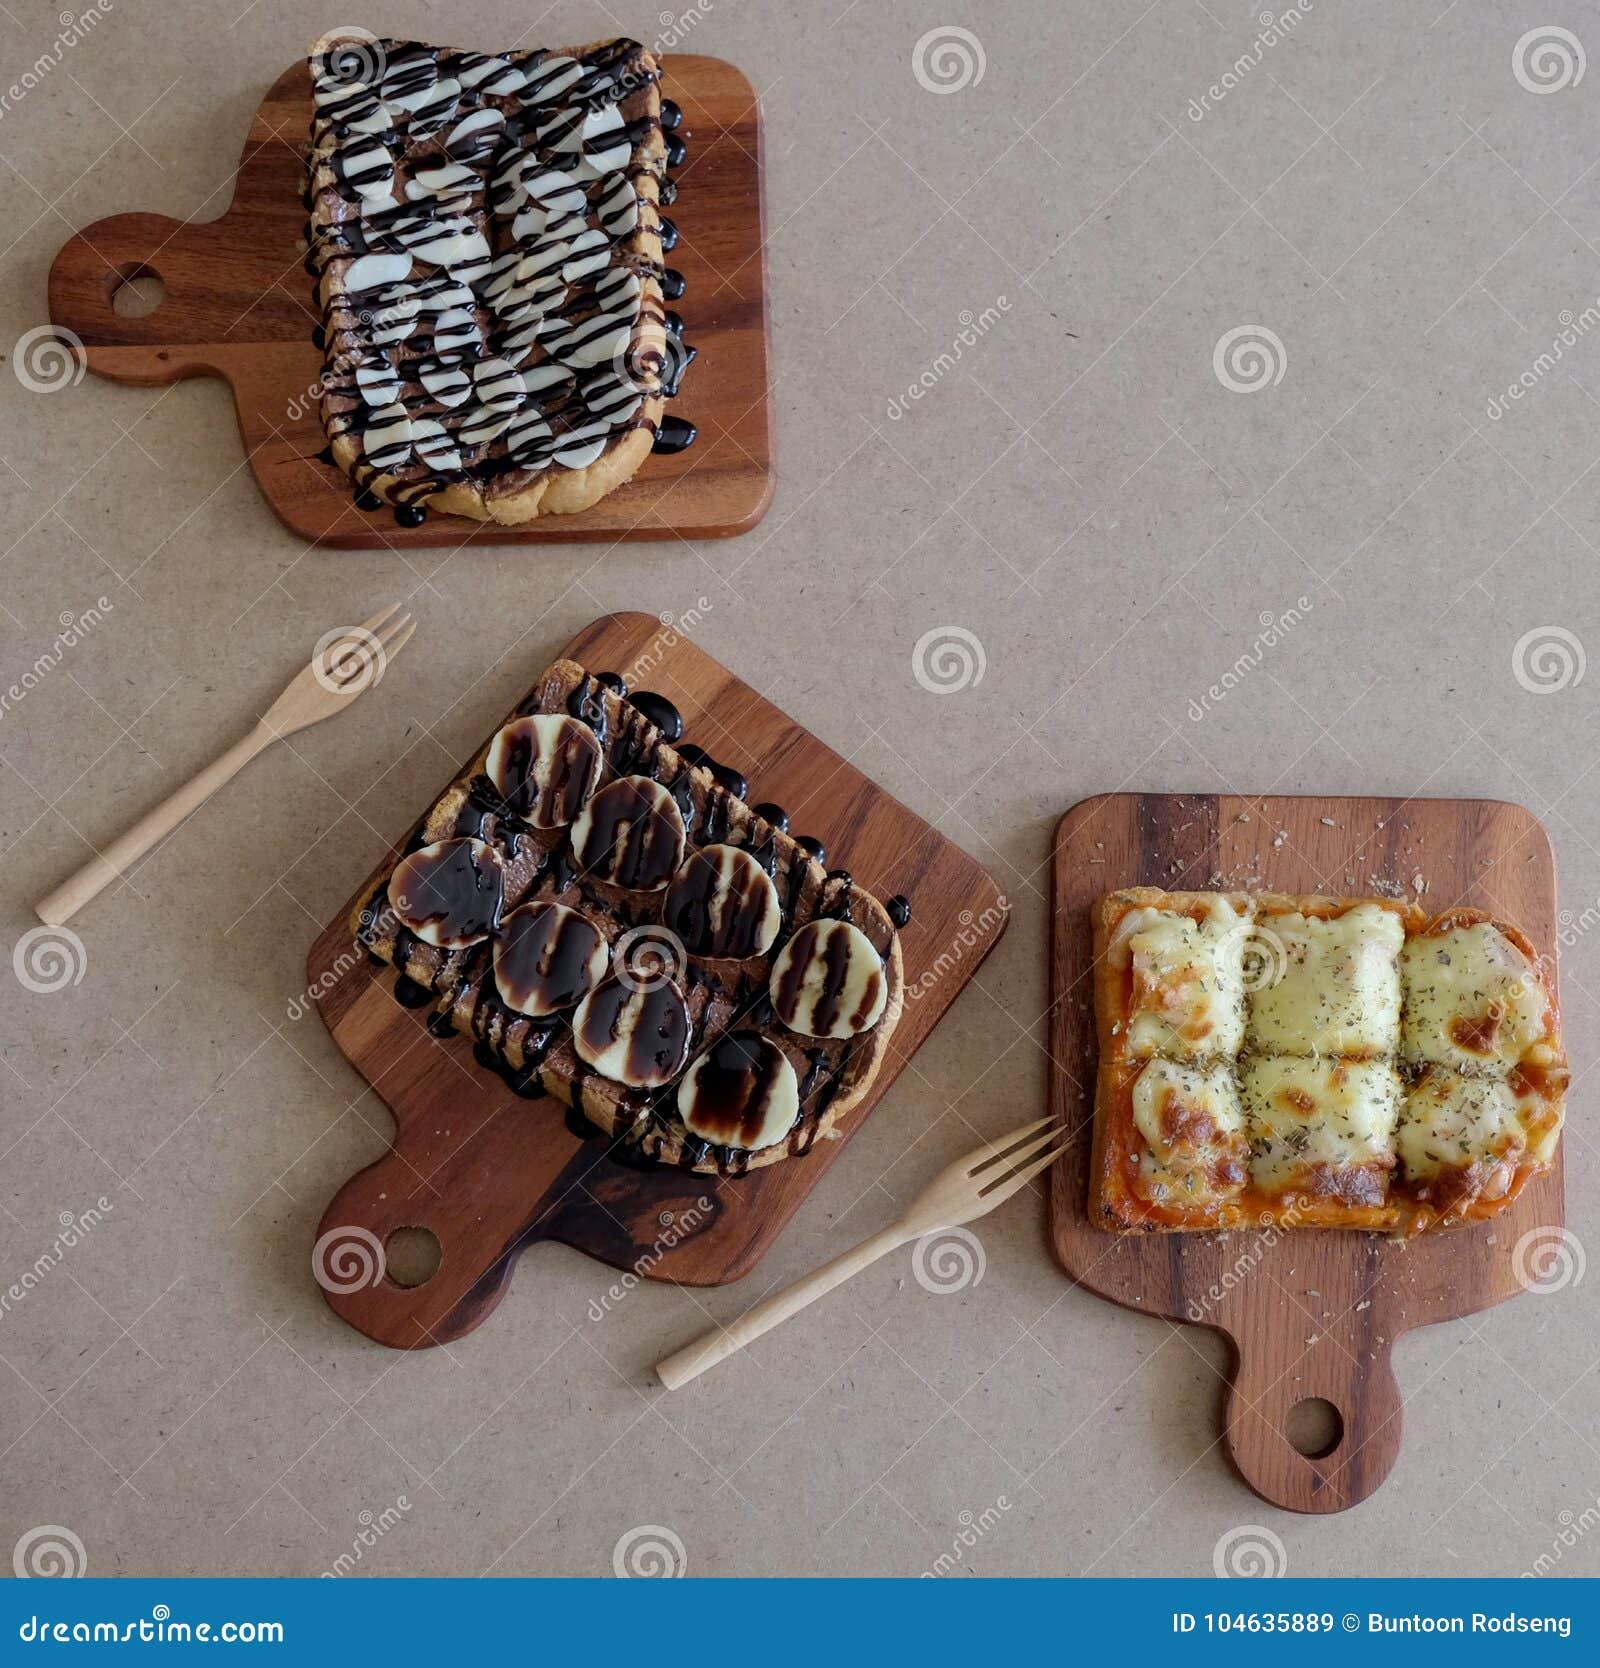 Download Ontbijttoost, Pizza, Bananenchocolade, Chocoladepinda Stock Afbeelding - Afbeelding bestaande uit assortiment, brood: 104635889